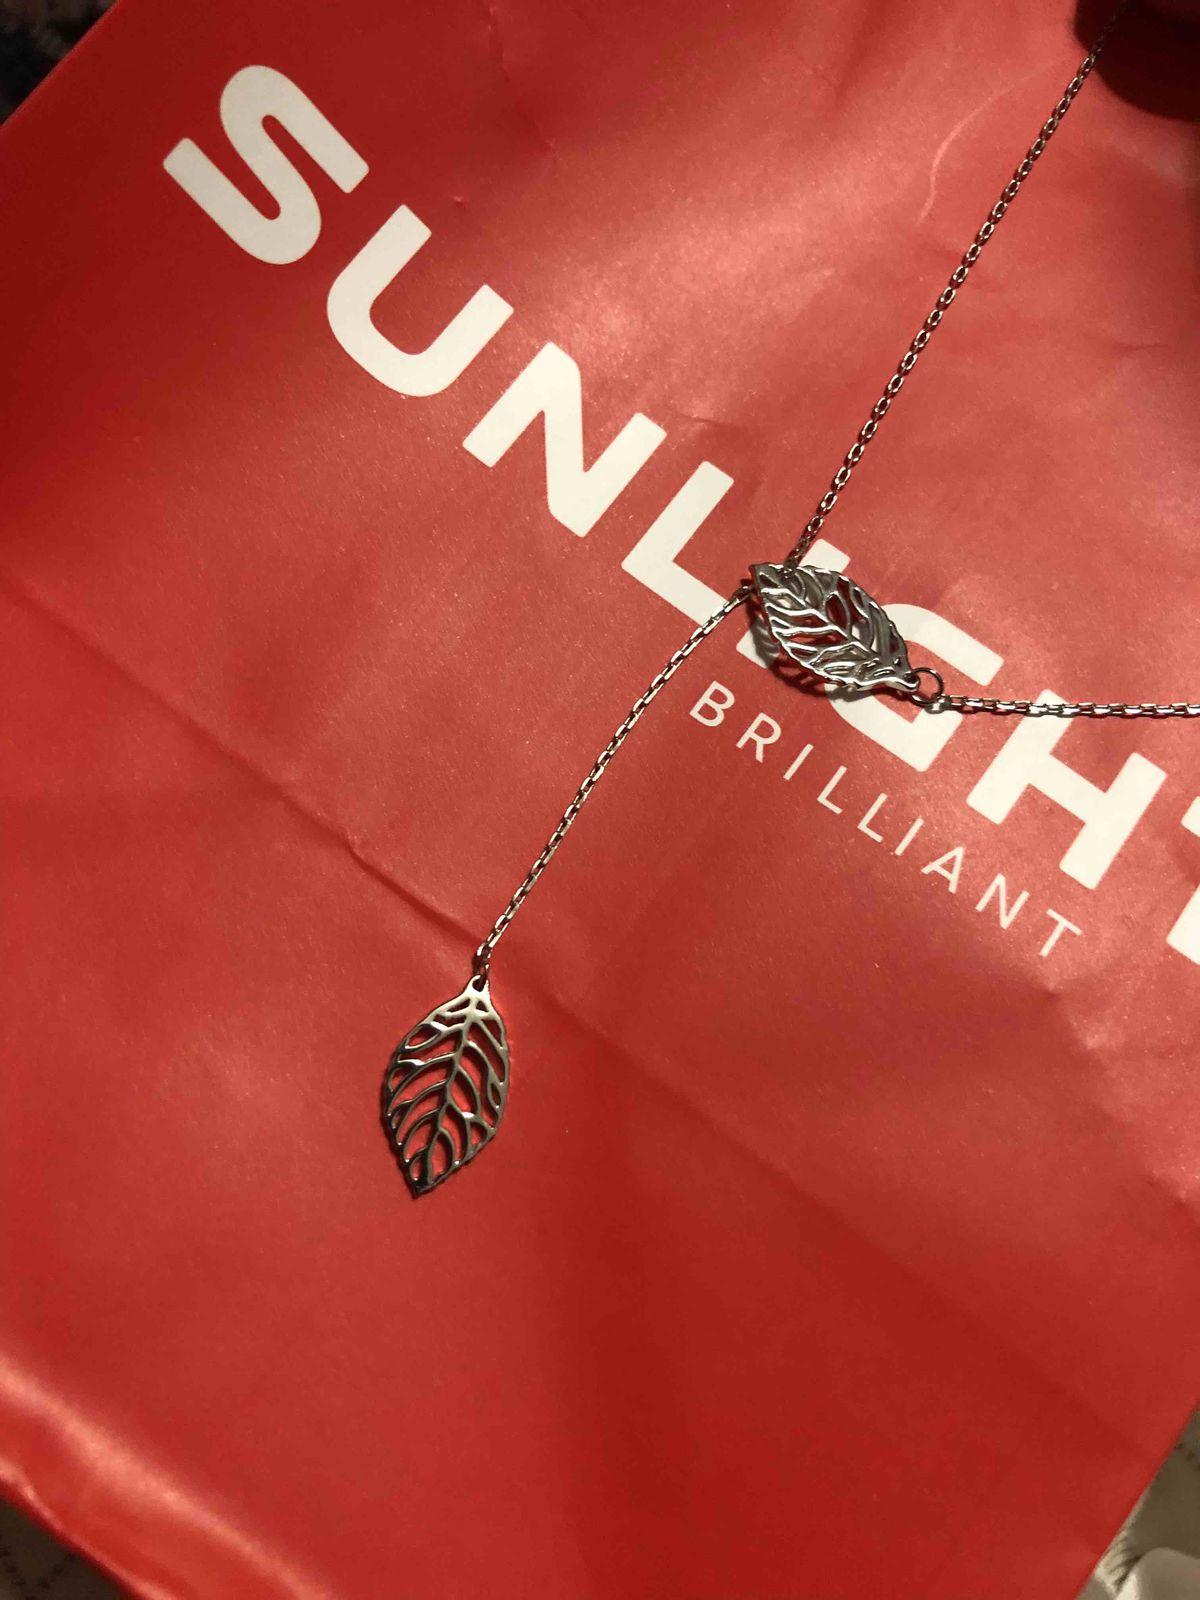 Очень красивое и нежное шейное украшение из серебра с оригинальным дизайном